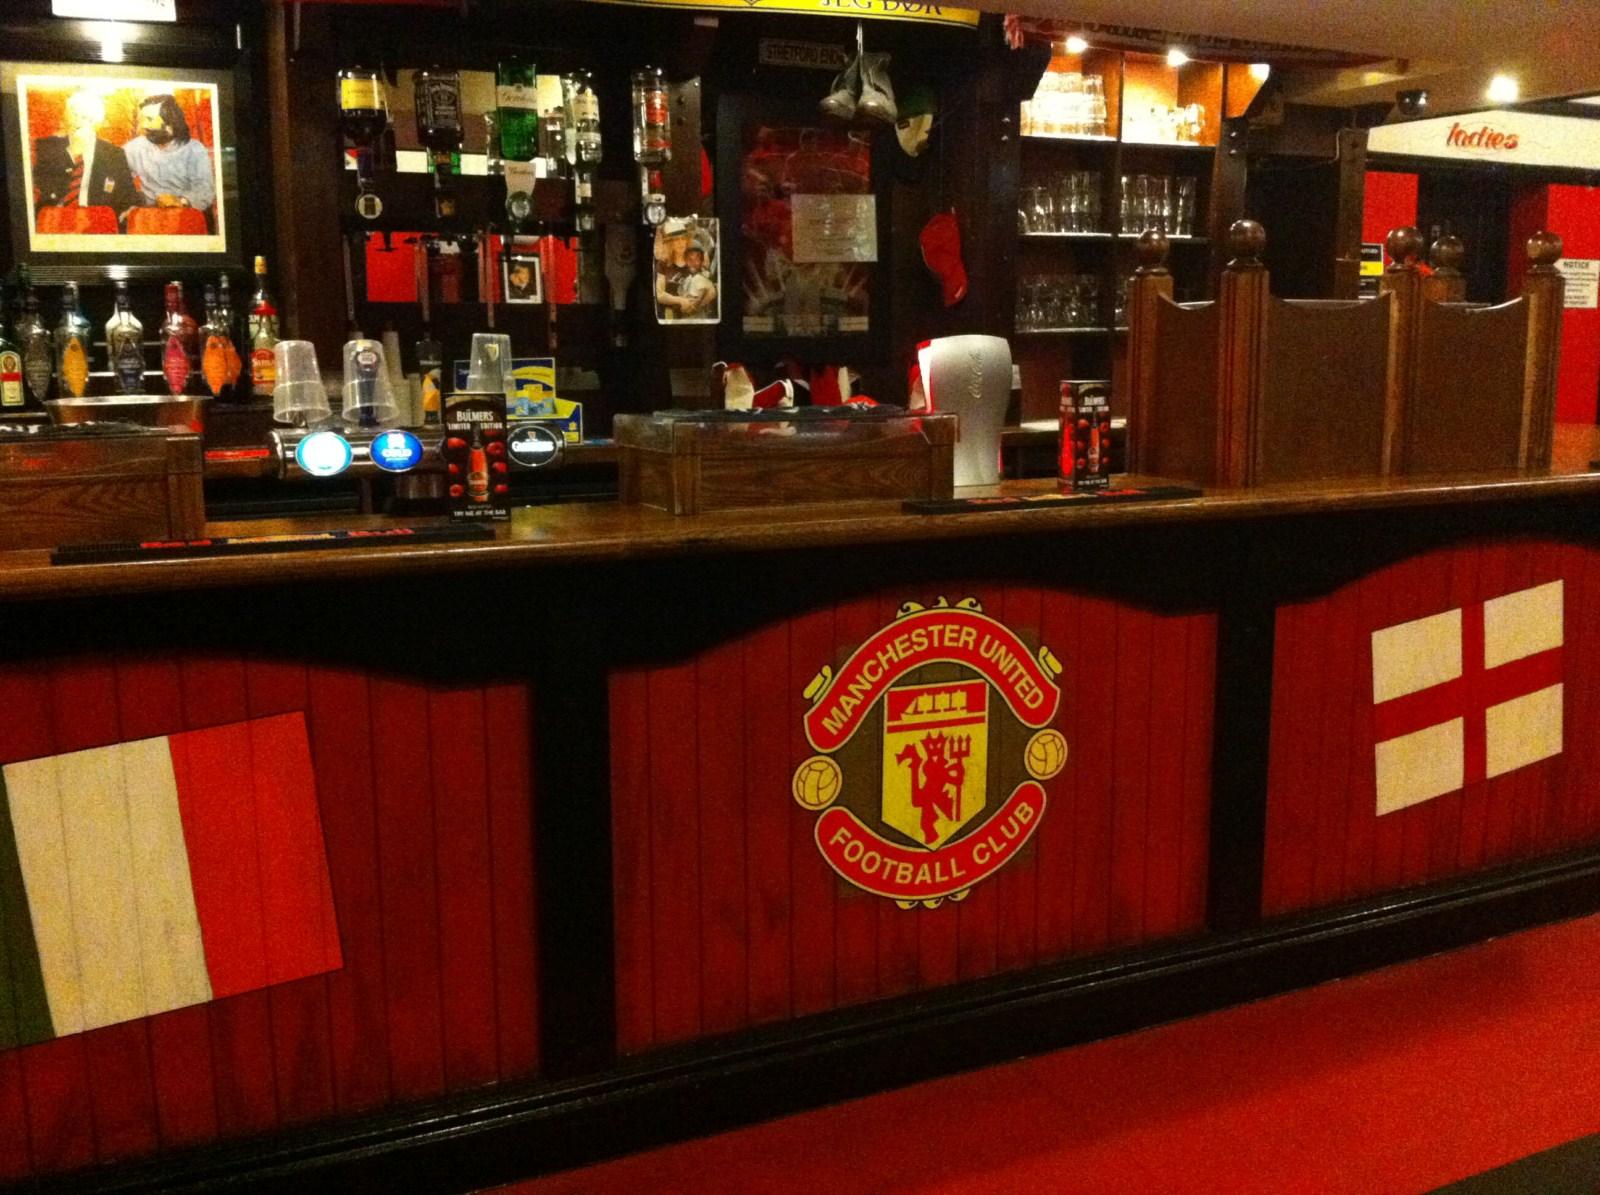 Pub cercano el estadio, en Trafford Old Trafford, El Teatro de los Sueños - 5251661143 a0c3d64d35 o - Old Trafford, El Teatro de los Sueños